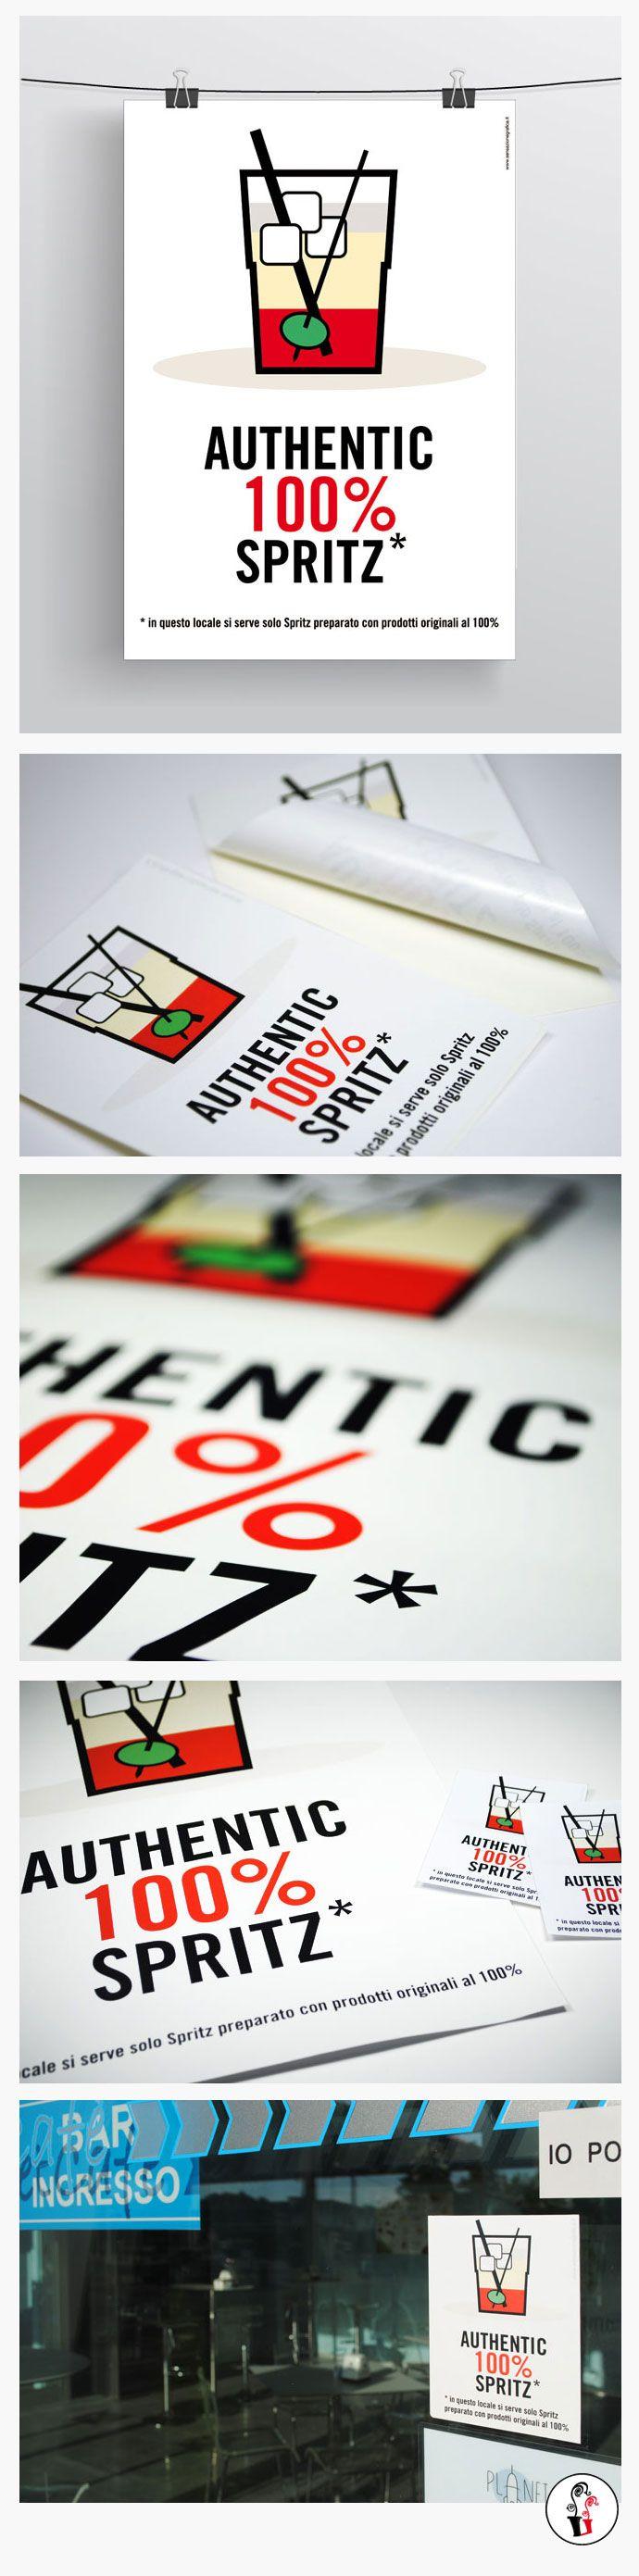 Authentic 100% Spritz Campaign